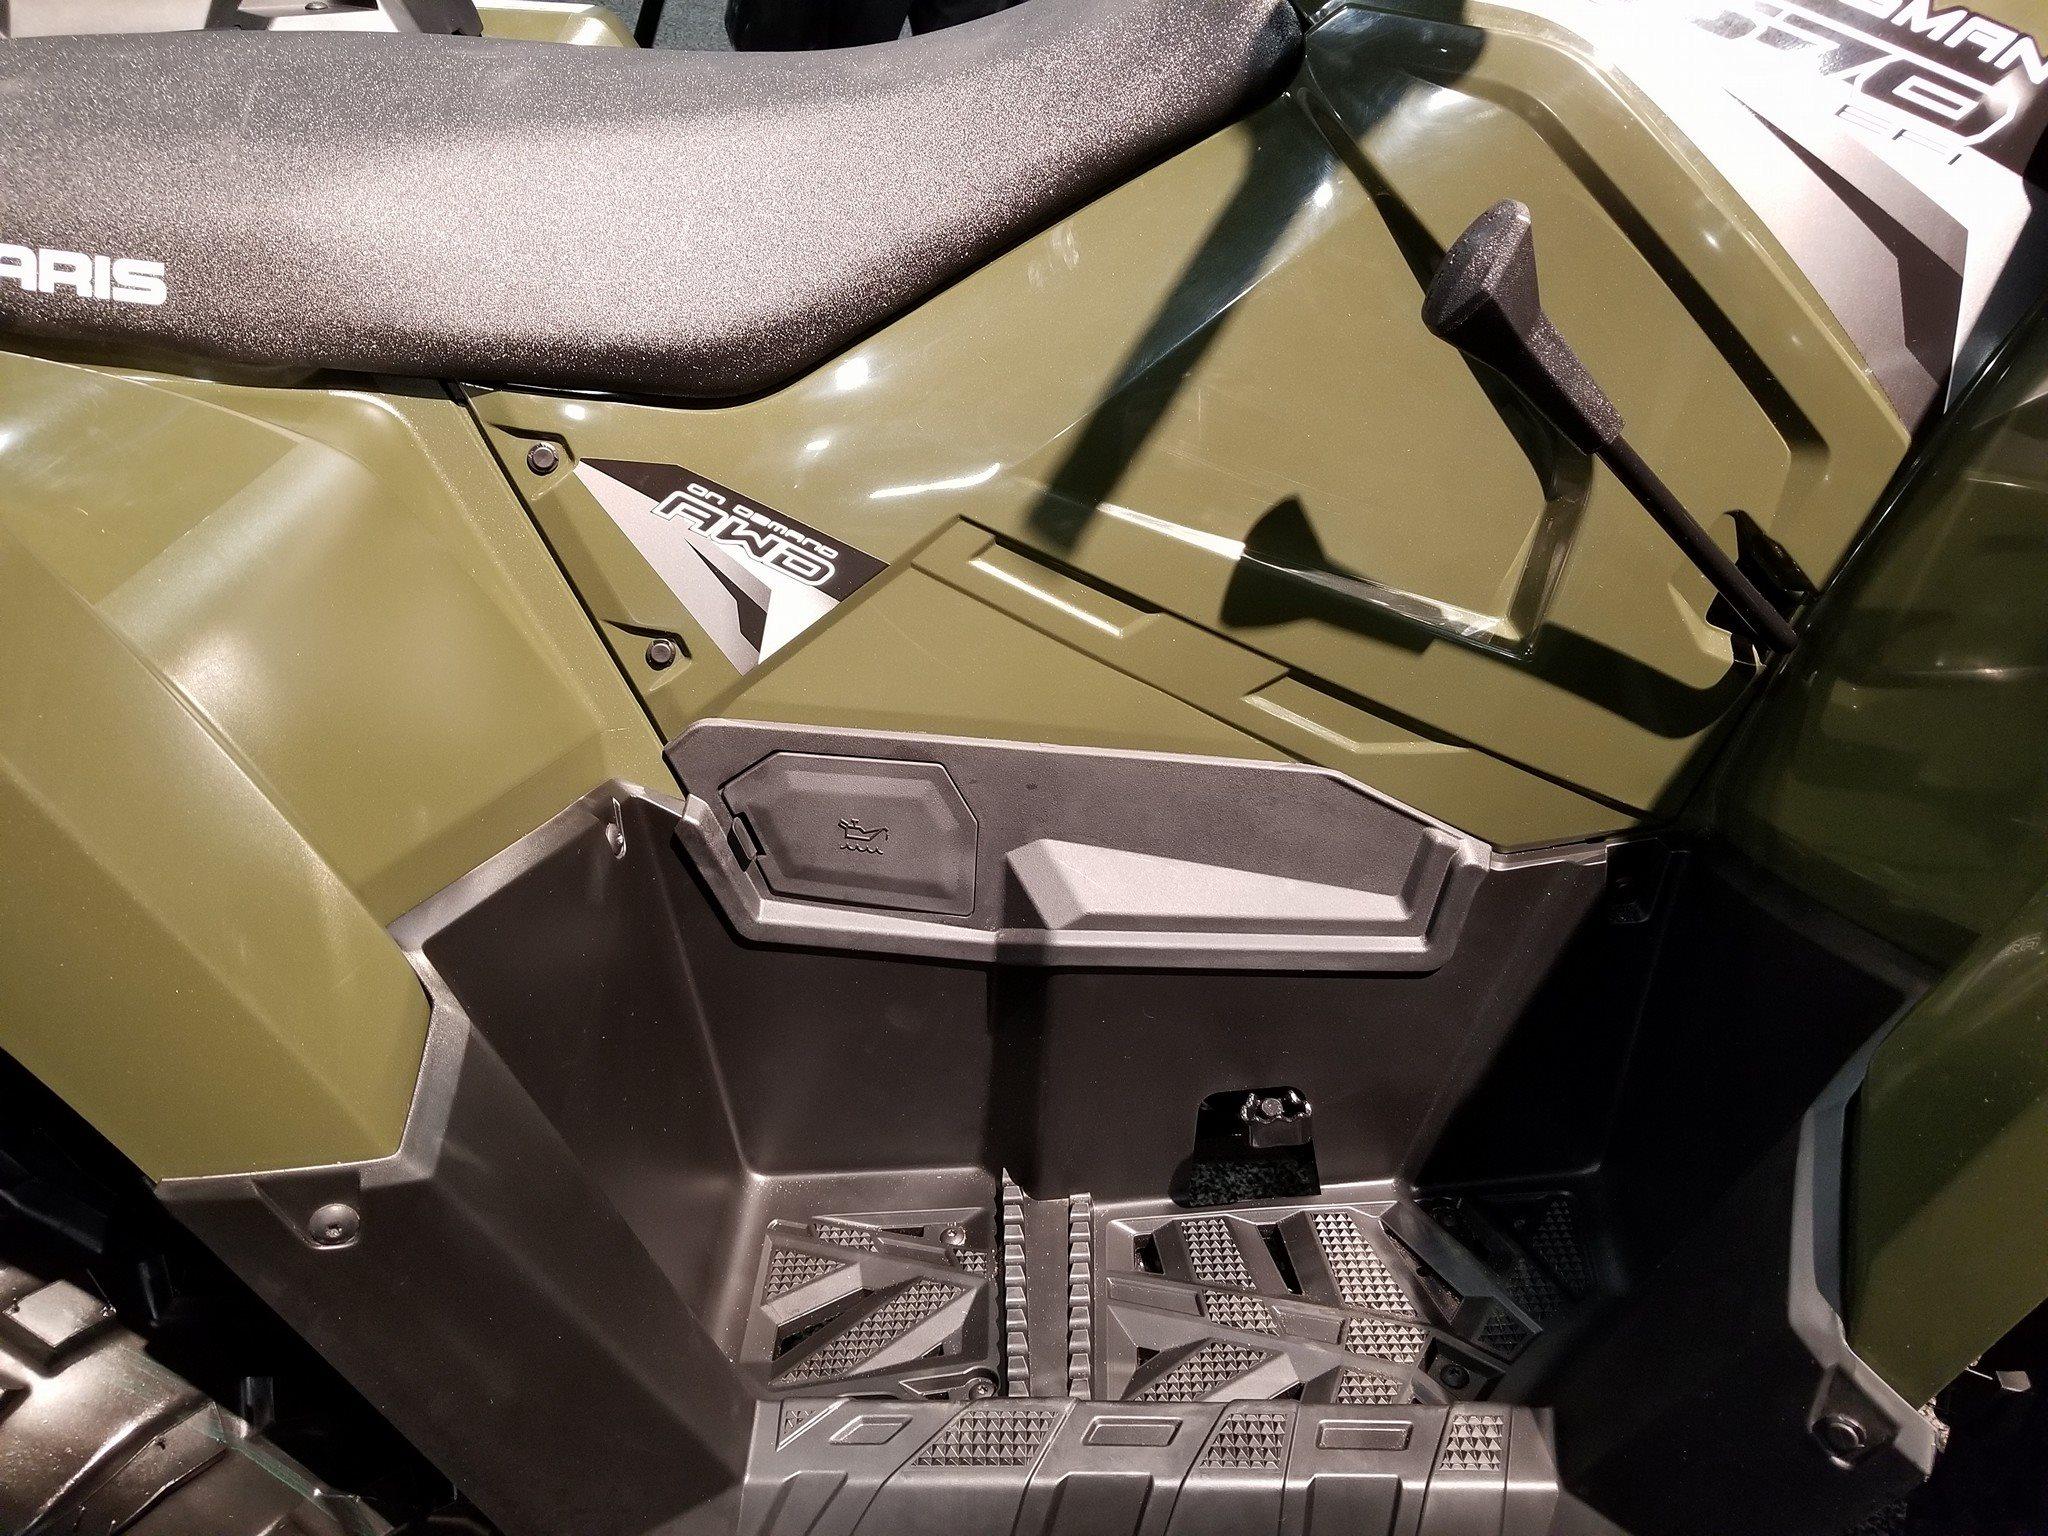 Polaris Side By Side Atv >> 2018 570 with more heat paneling - Polaris ATV Forum